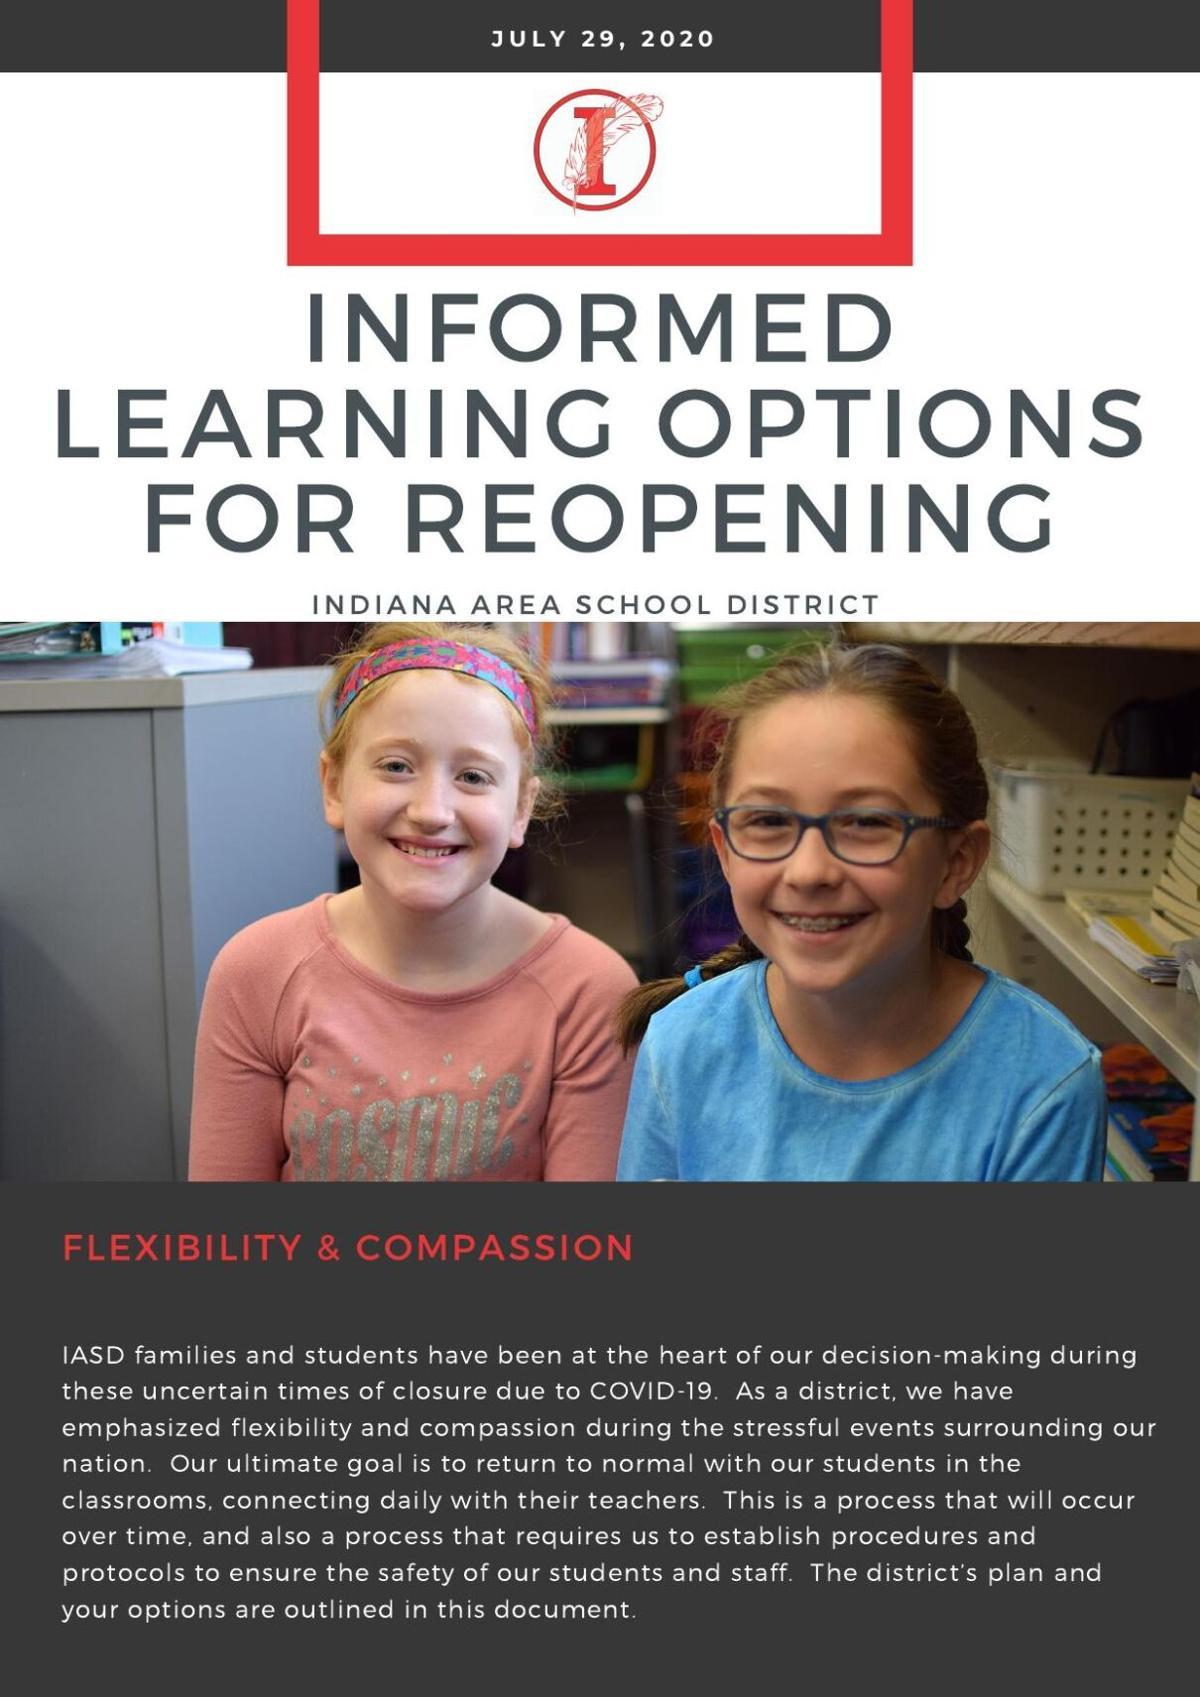 July29InformedLearningOptionsforReopening-IASD.pdf